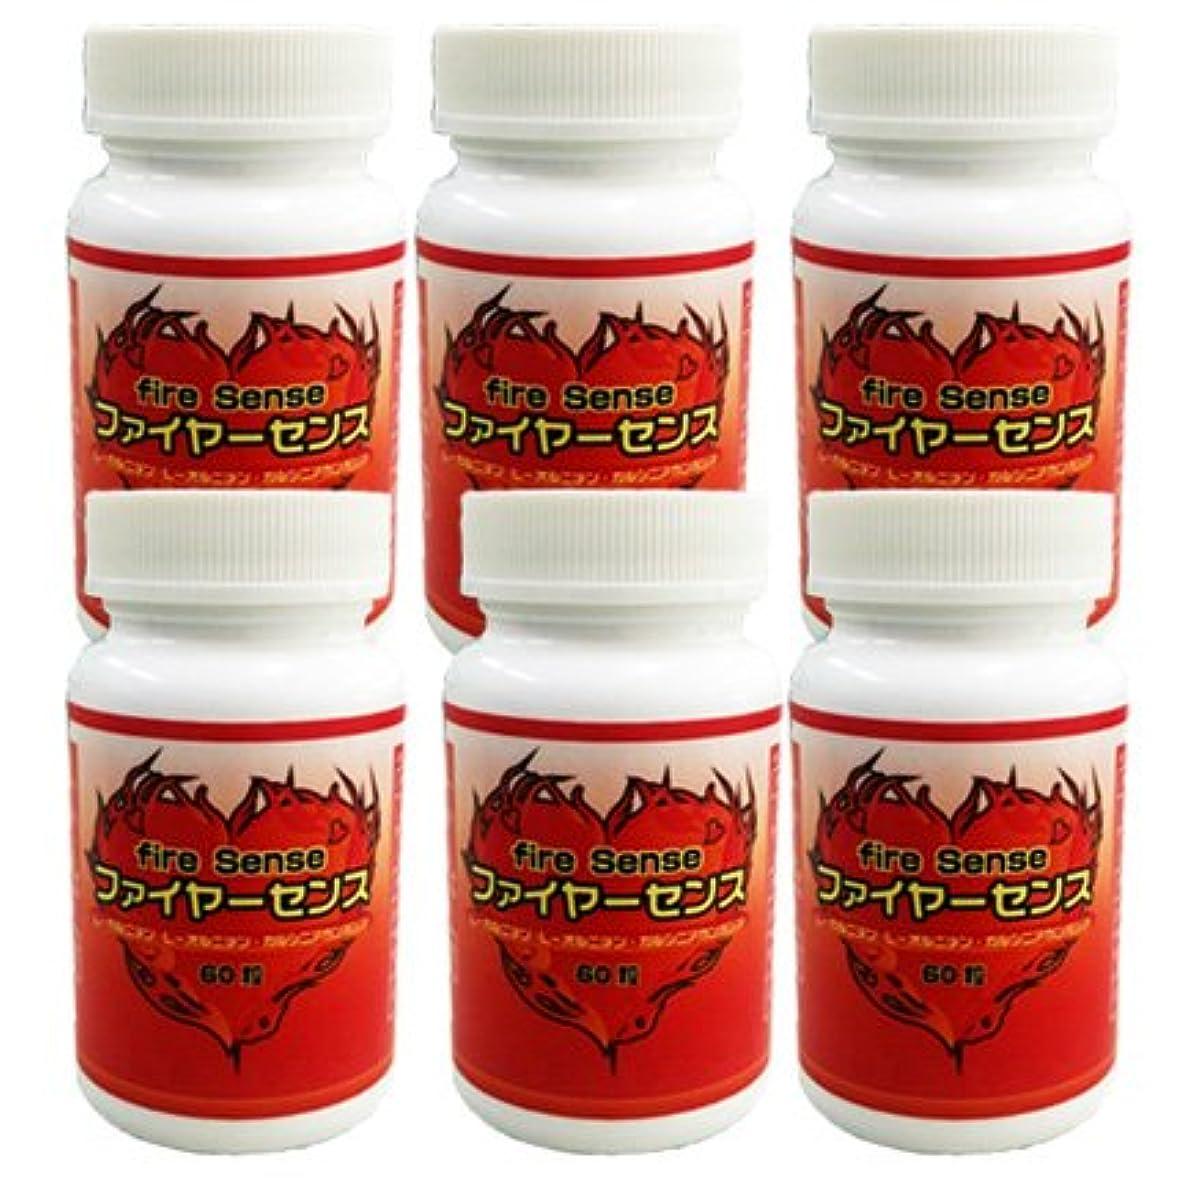 菊山岳ブルゴーニュファイヤーセンス 6個セット! fire Sense ×6個